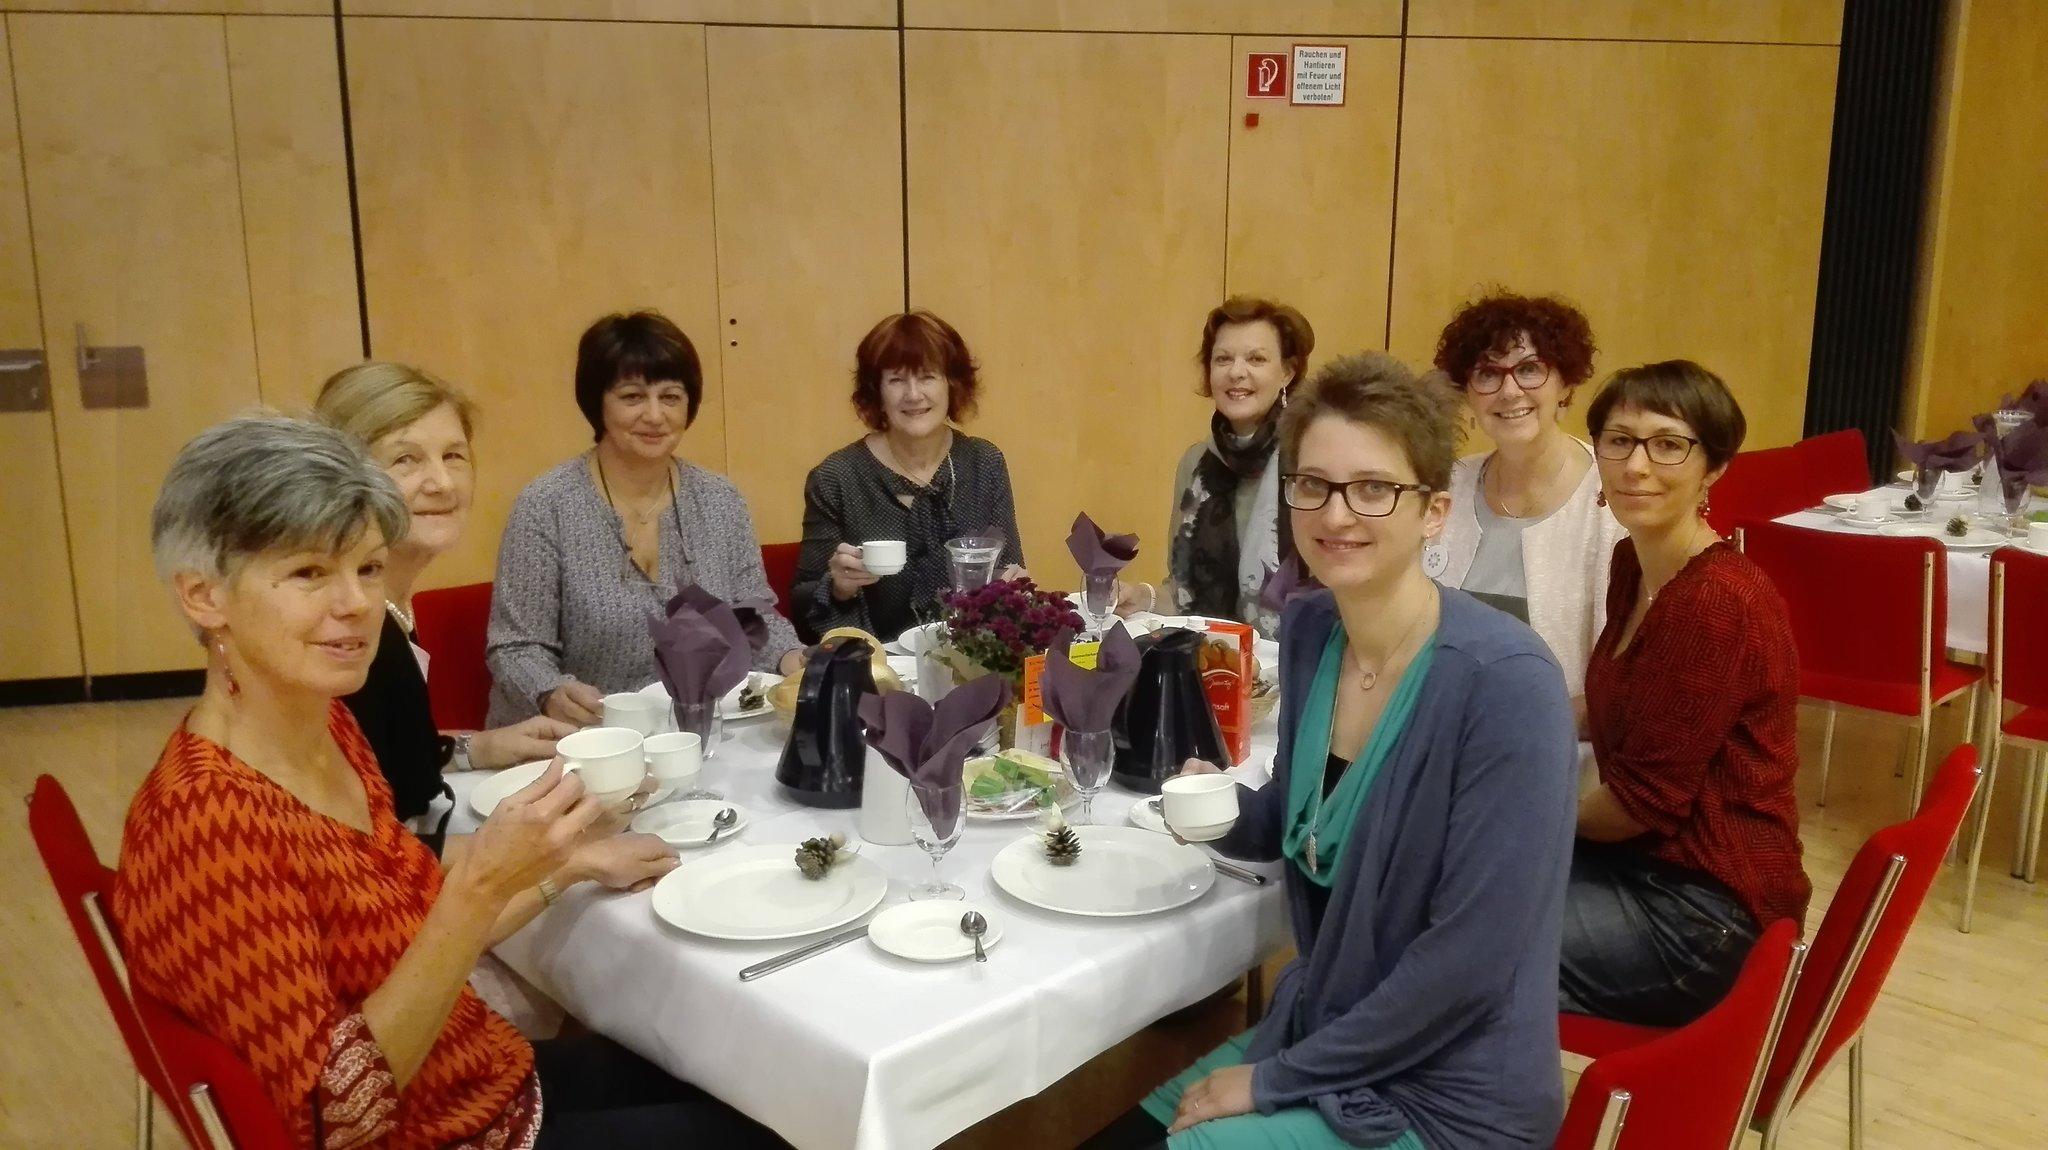 Impressum - Frhstcks-Treffen fr Frauen in sterreich